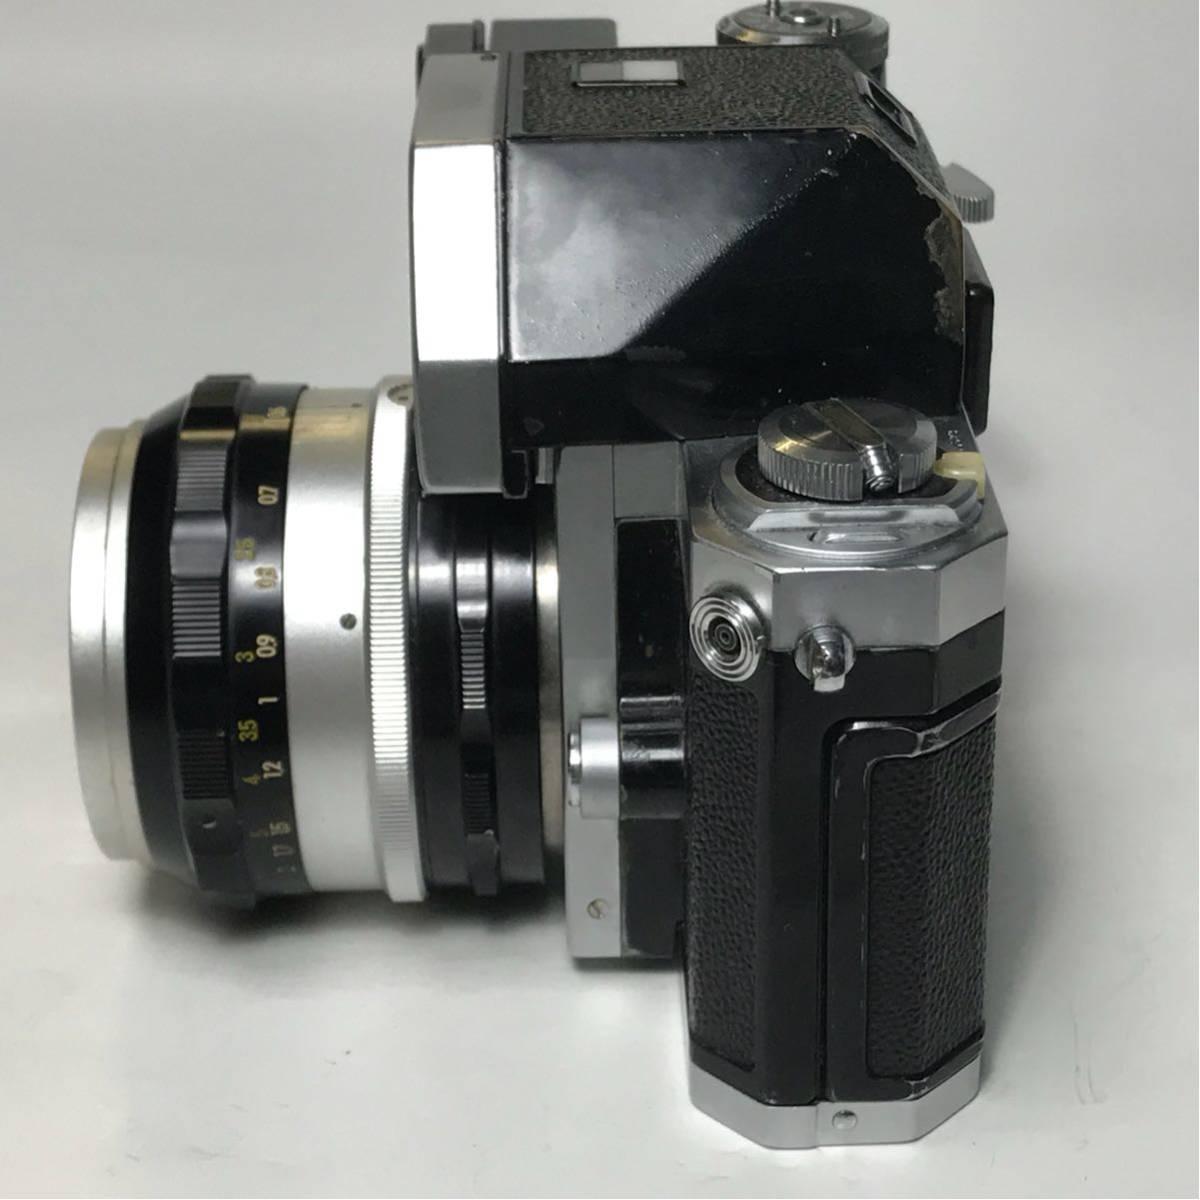 Nikon F Photomic FTN /ニコン F 外部測光式フォトミックファインダー SLR FILM CAMERA with/Nikkor 1.4 50㎜【c/n7065523】_画像2